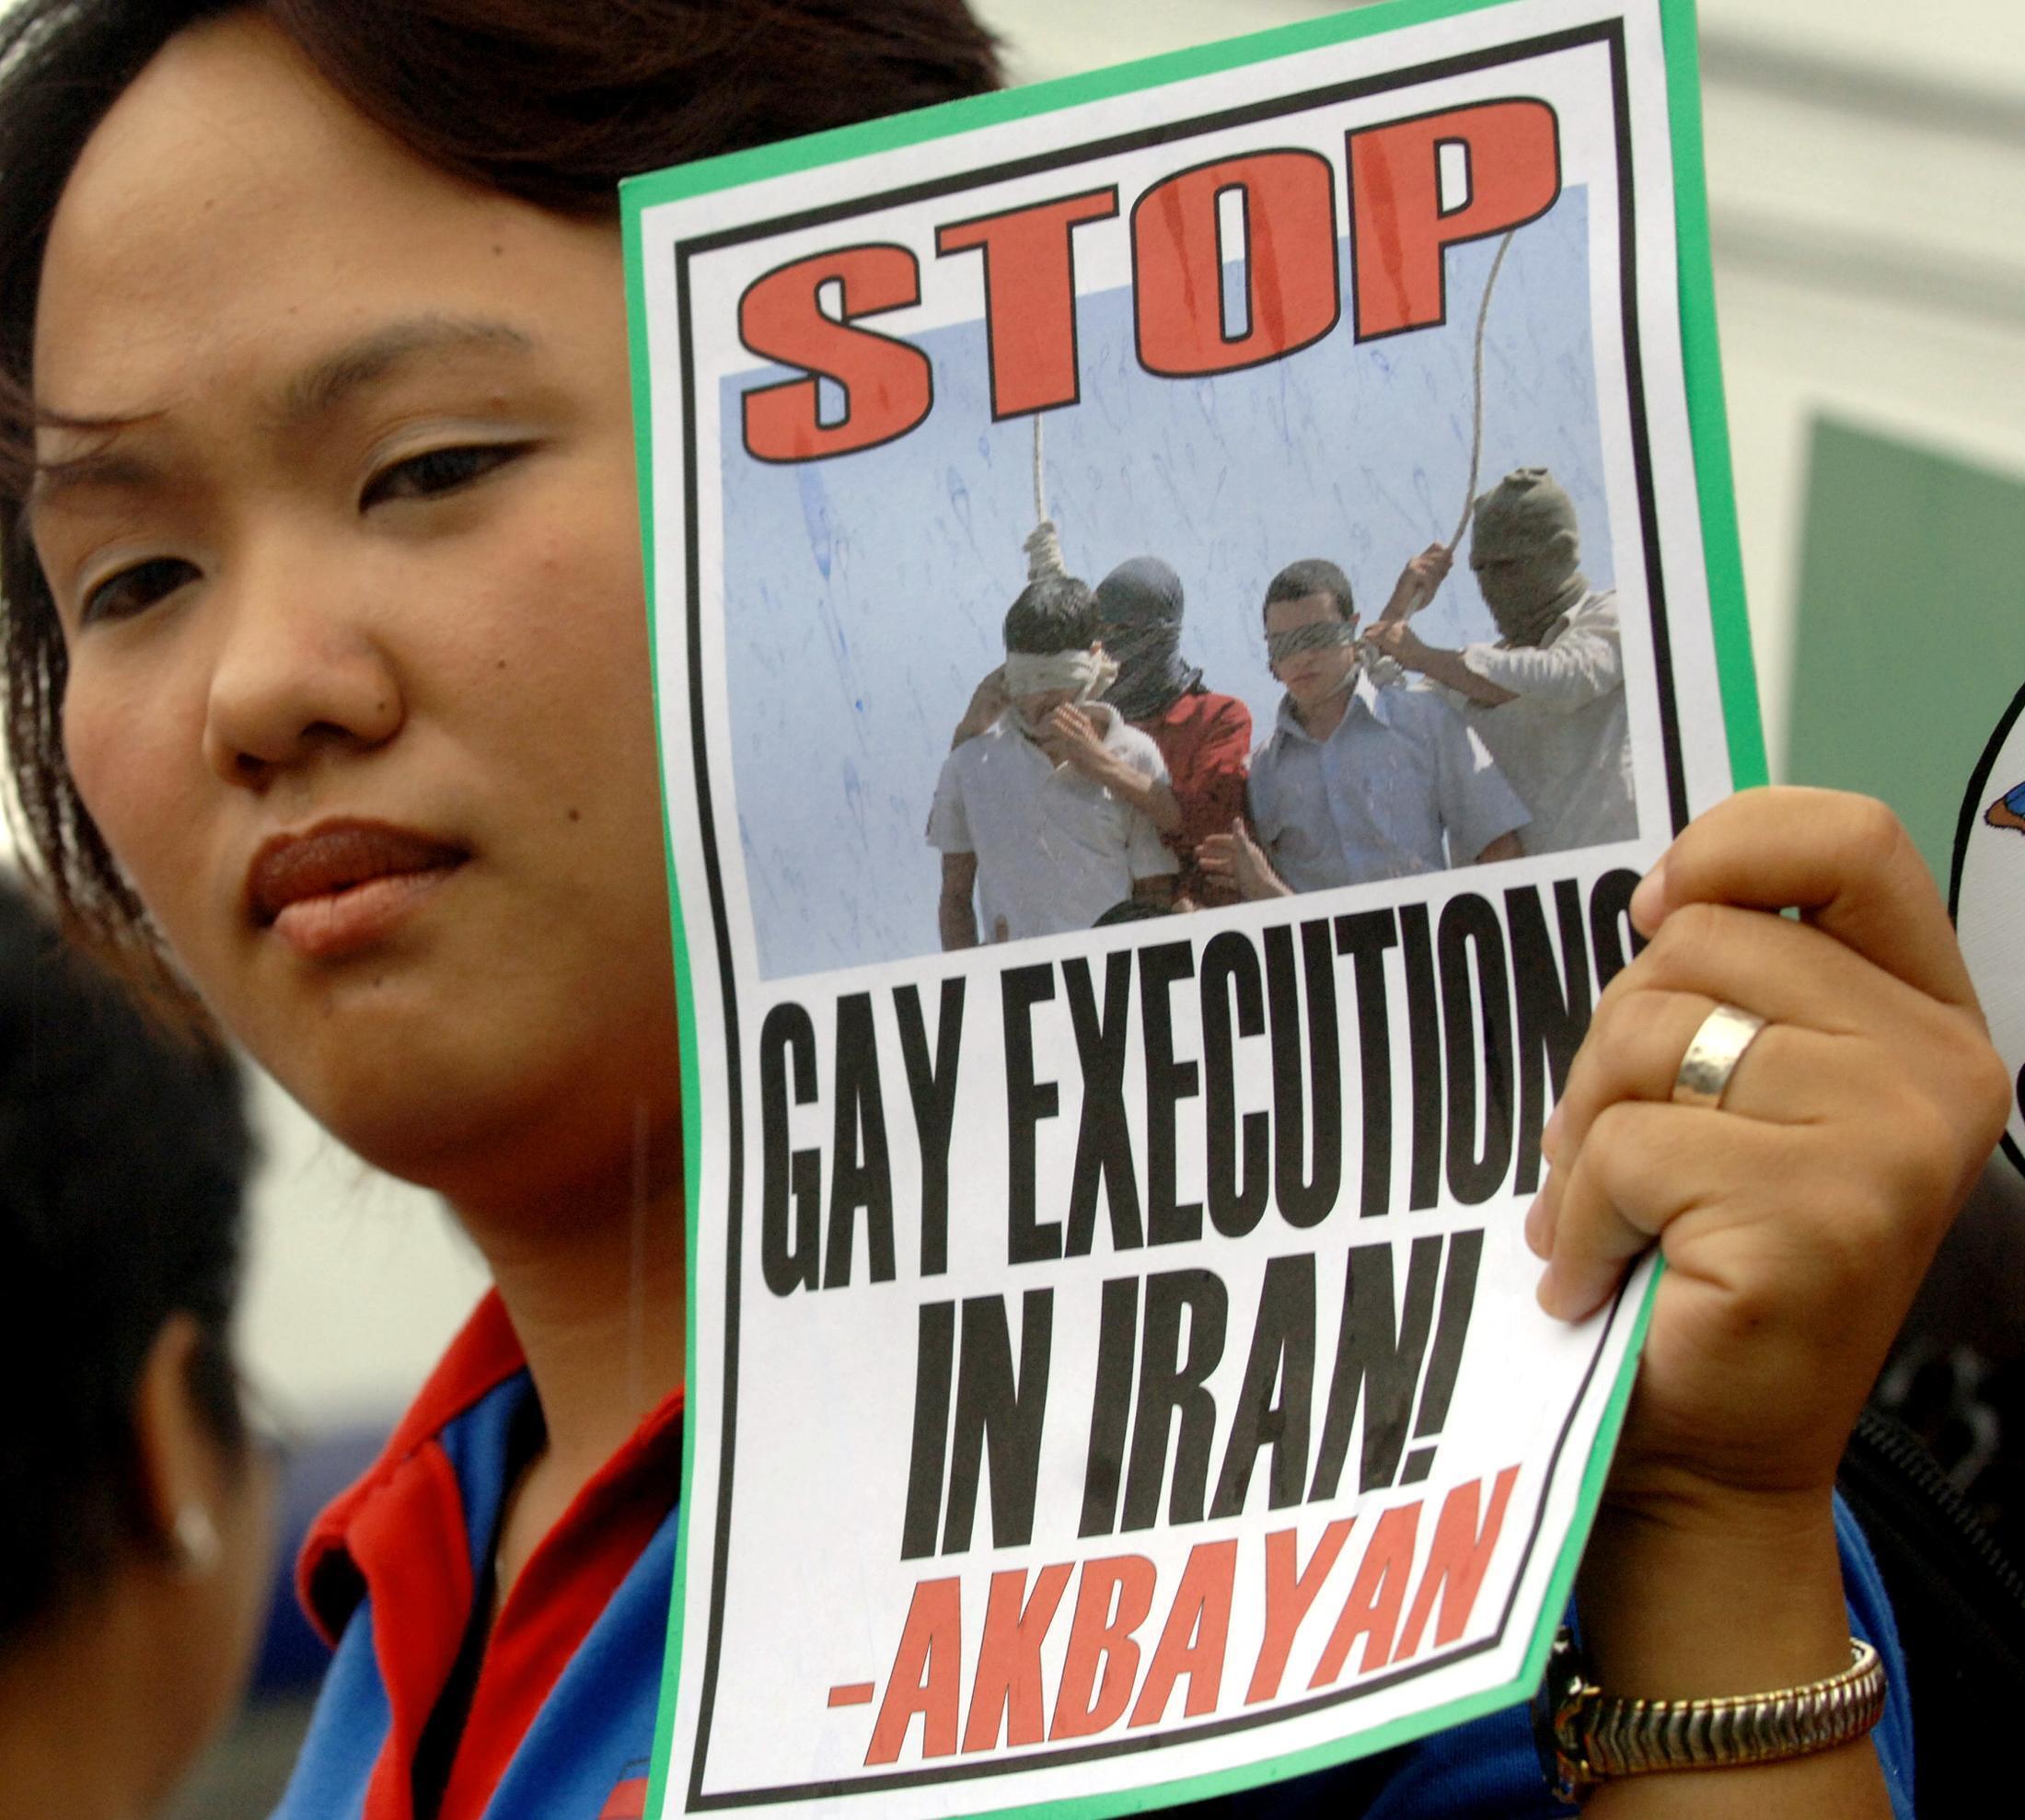 Mulher protesta contra as execuções de homossexuais no Irã, uma prática que se repete em vários países muçulmanos.